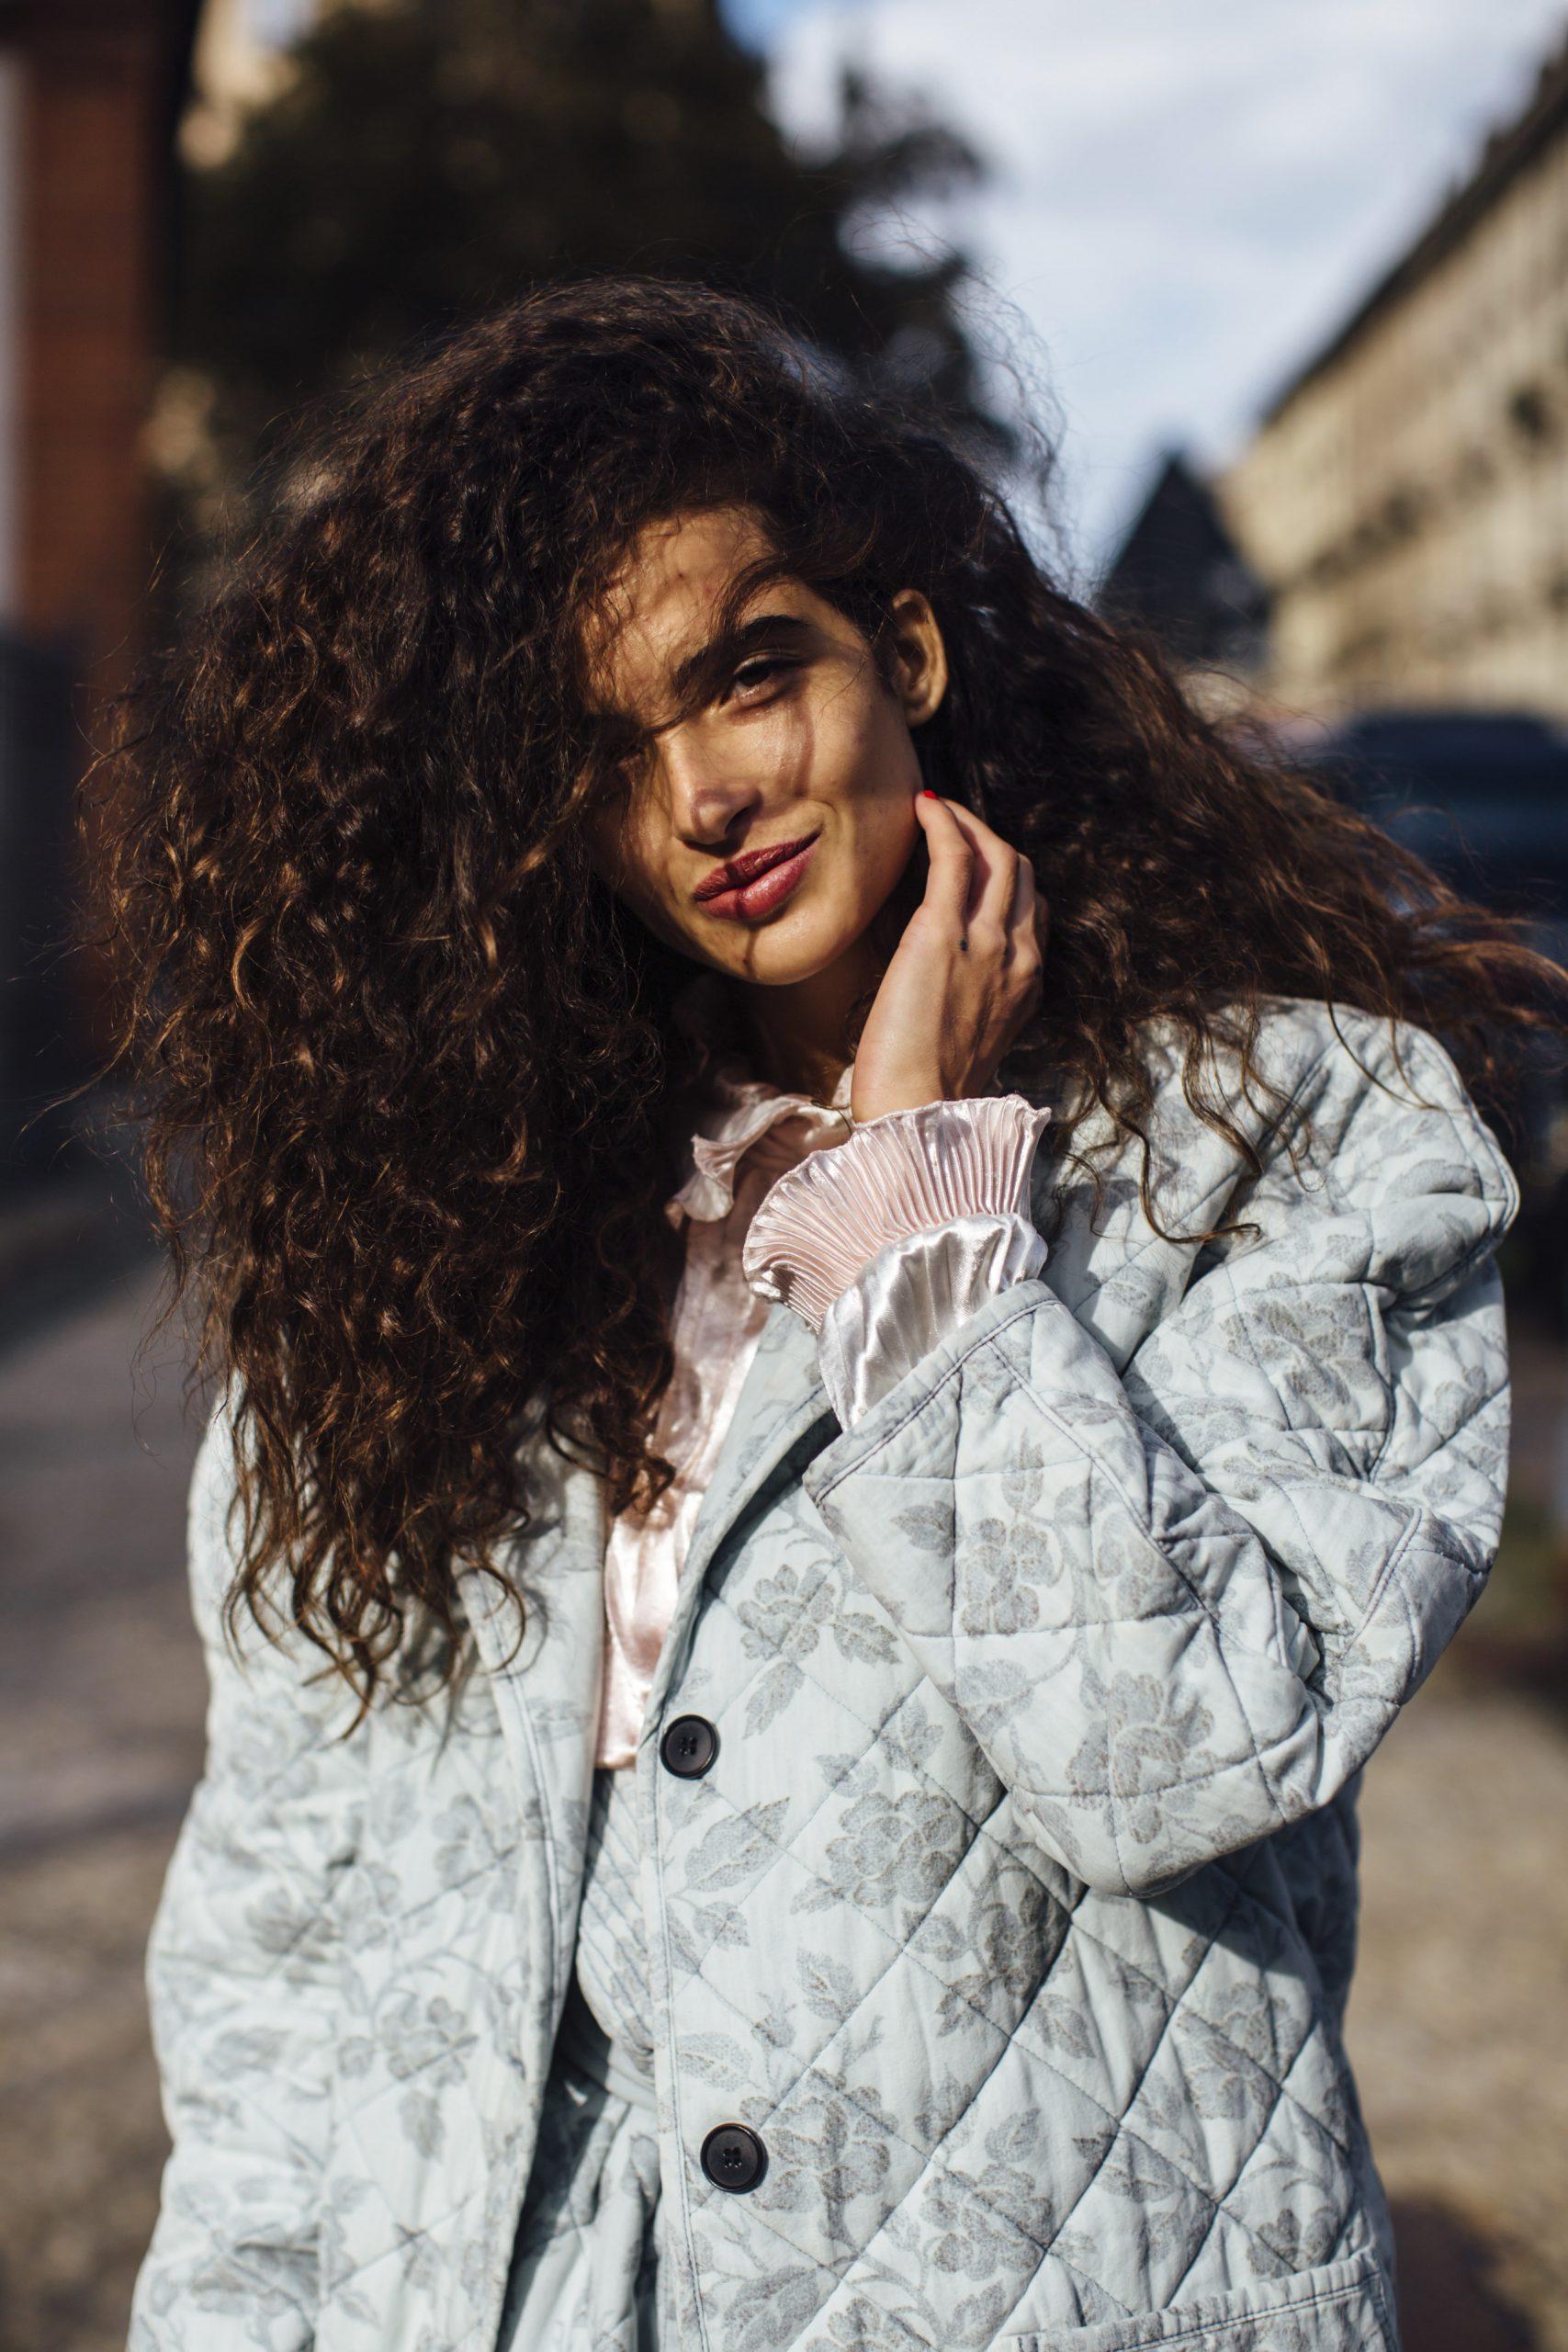 Colores de pelo tendencia:chica con un tono castaño oscuro